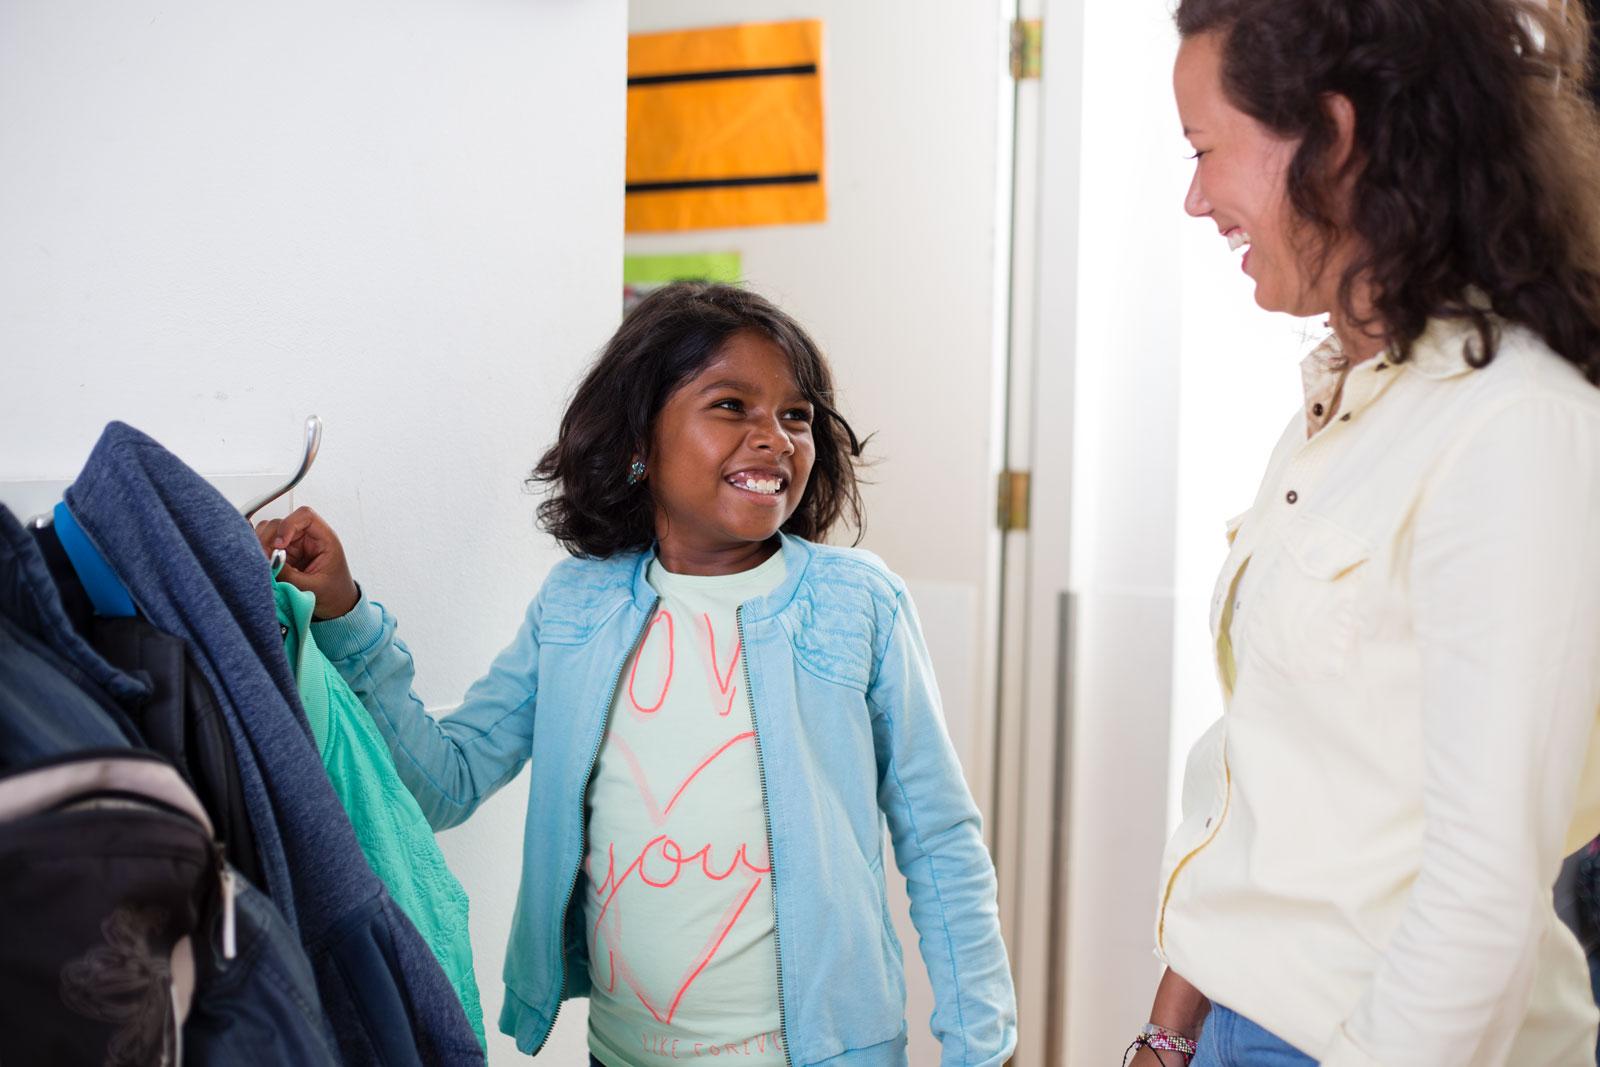 Bedrijfsreportage Beeldstudio meisje hangt jas op Inzowijs